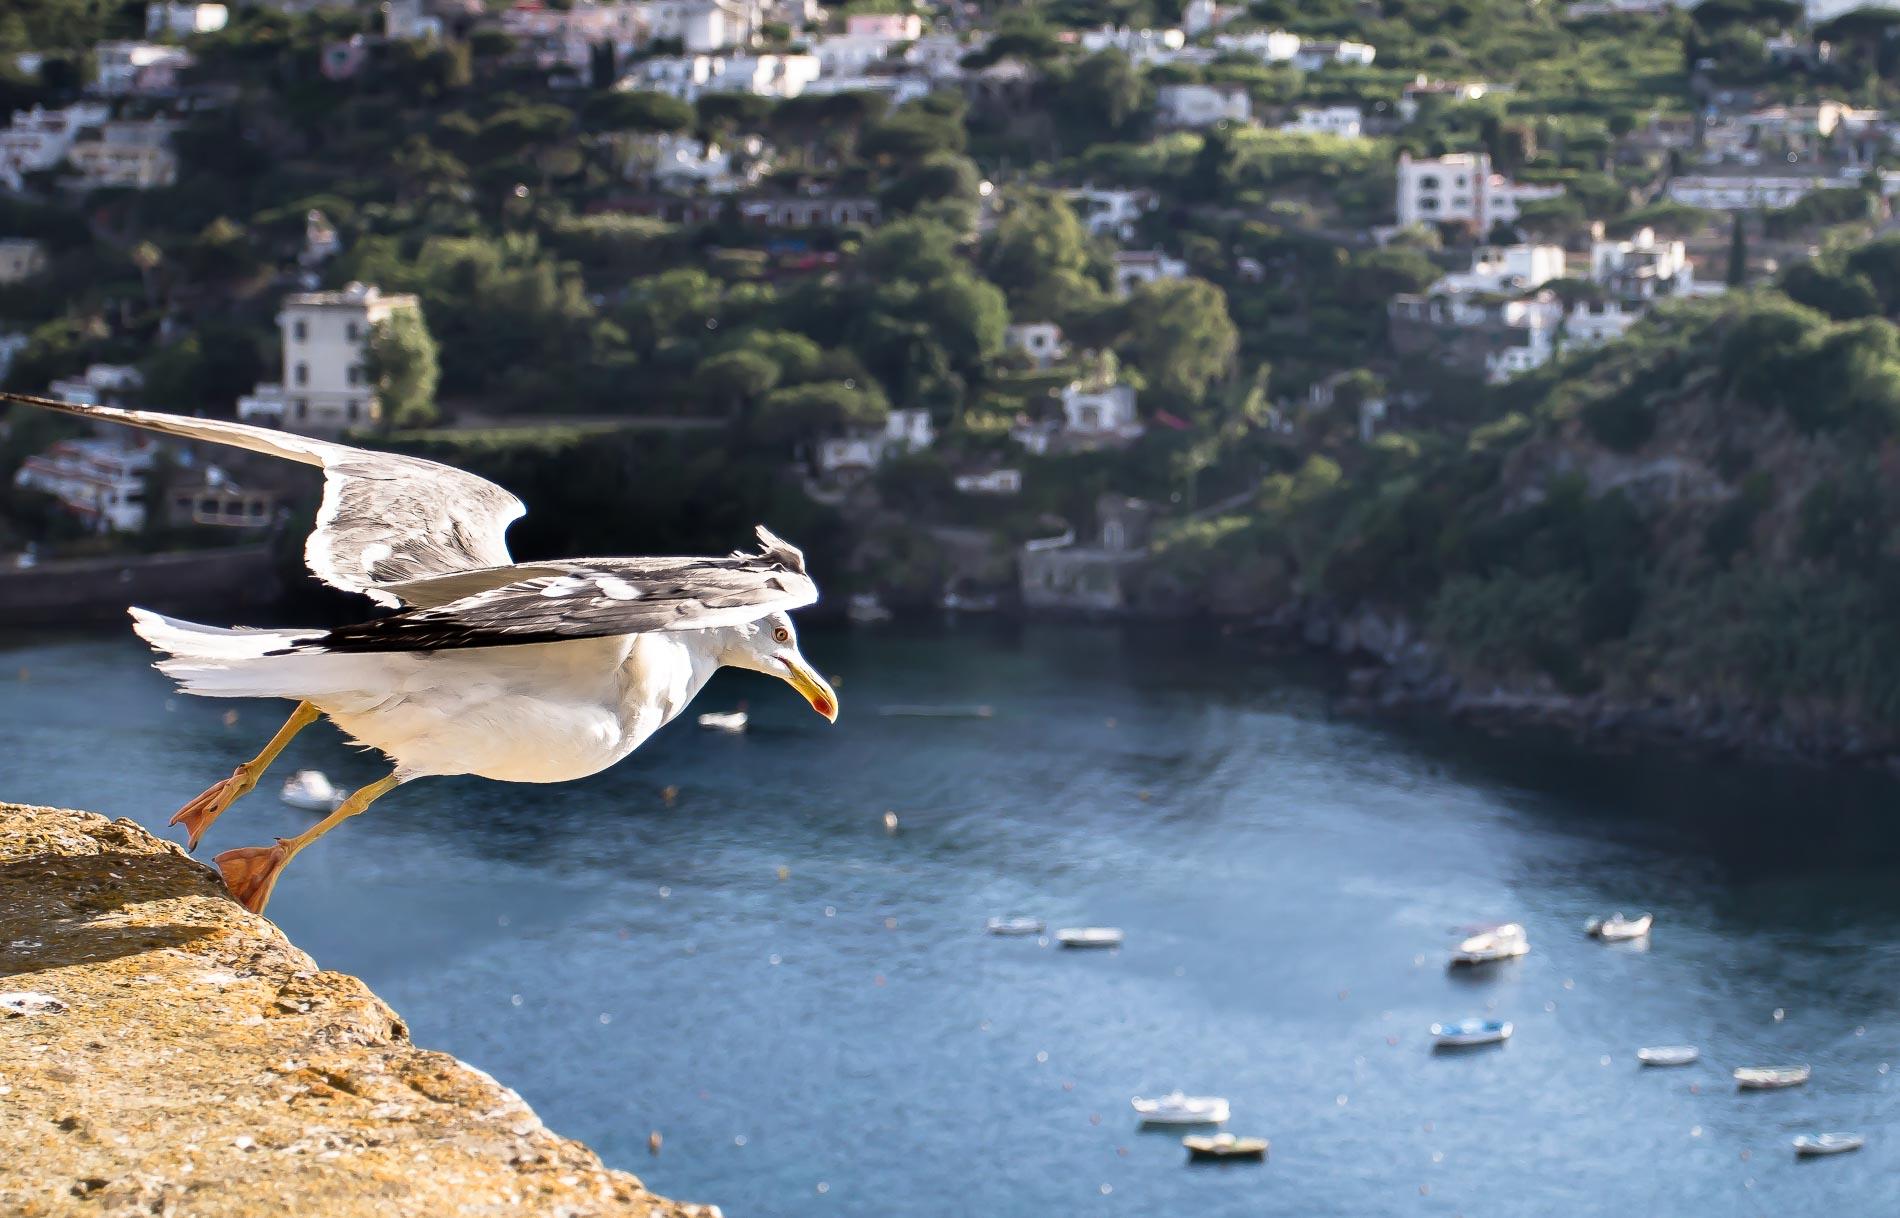 gabbiano che spicca il volo © Jack Celotti Photography